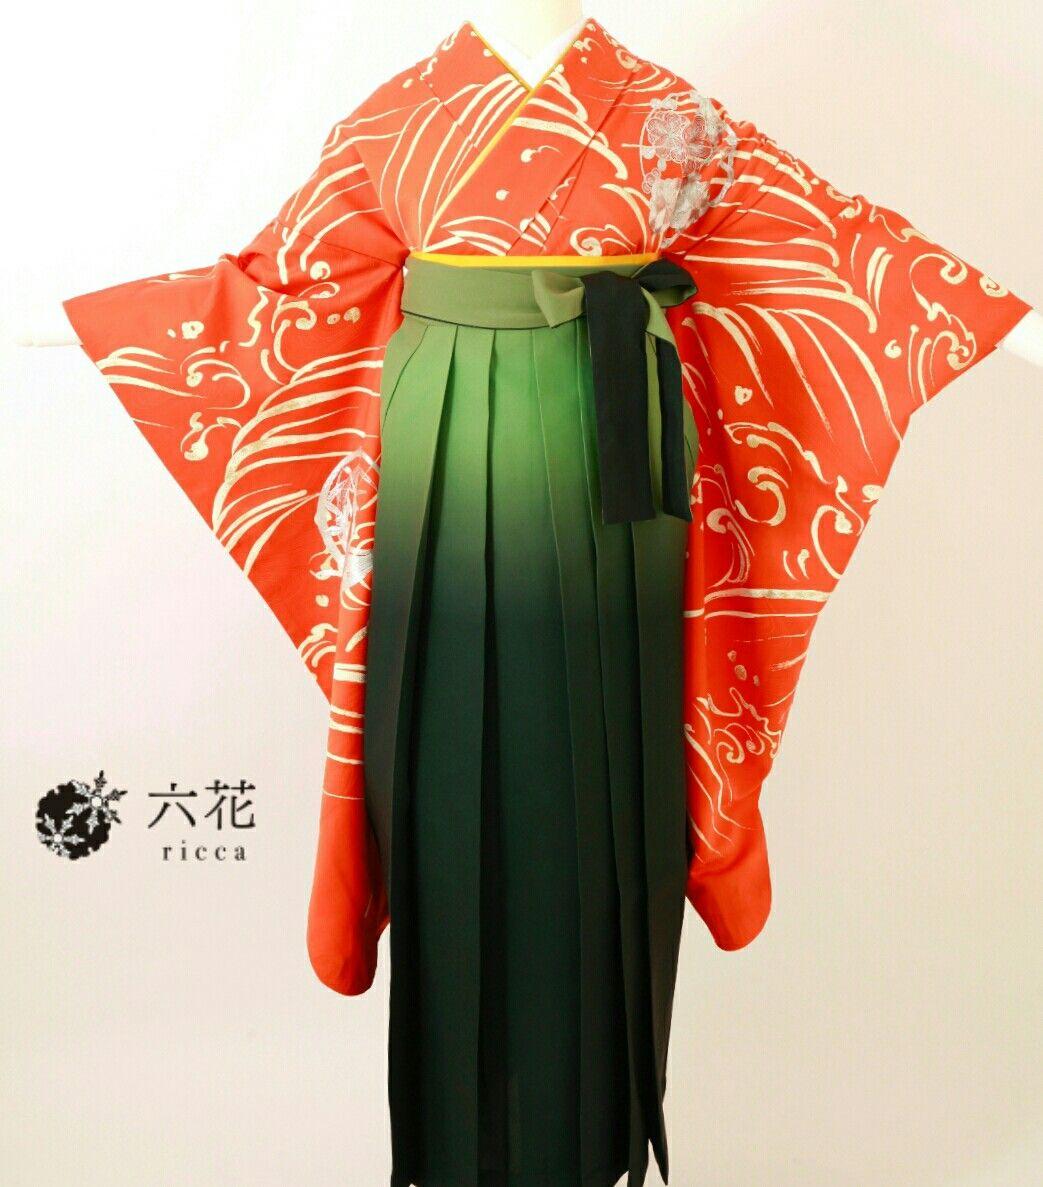 卒業式 袴レンタル・着付け・ヘアメイク 袴コーディネート 赤色波柄花の丸刺繍